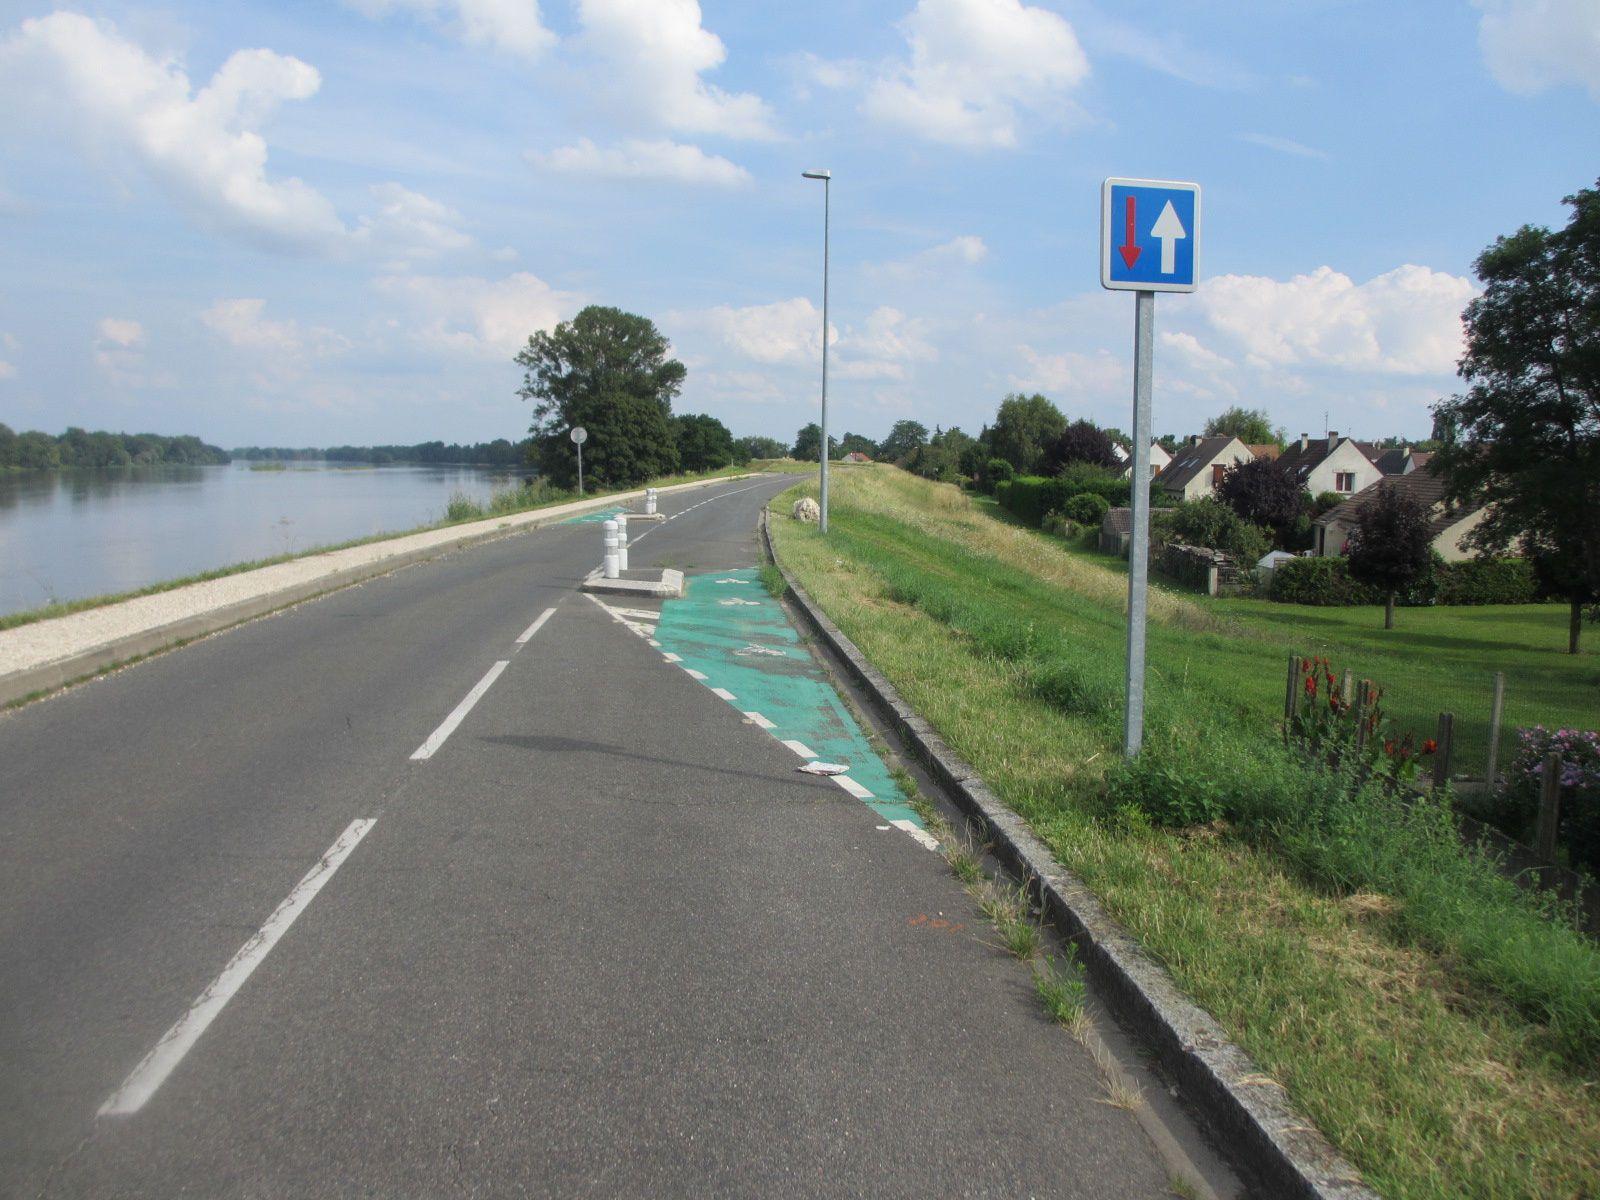 Le &quot&#x3B;guide du Routard&quot&#x3B; spécial &quot&#x3B;Loire à Vélo&quot&#x3B; serait en cours de préparation